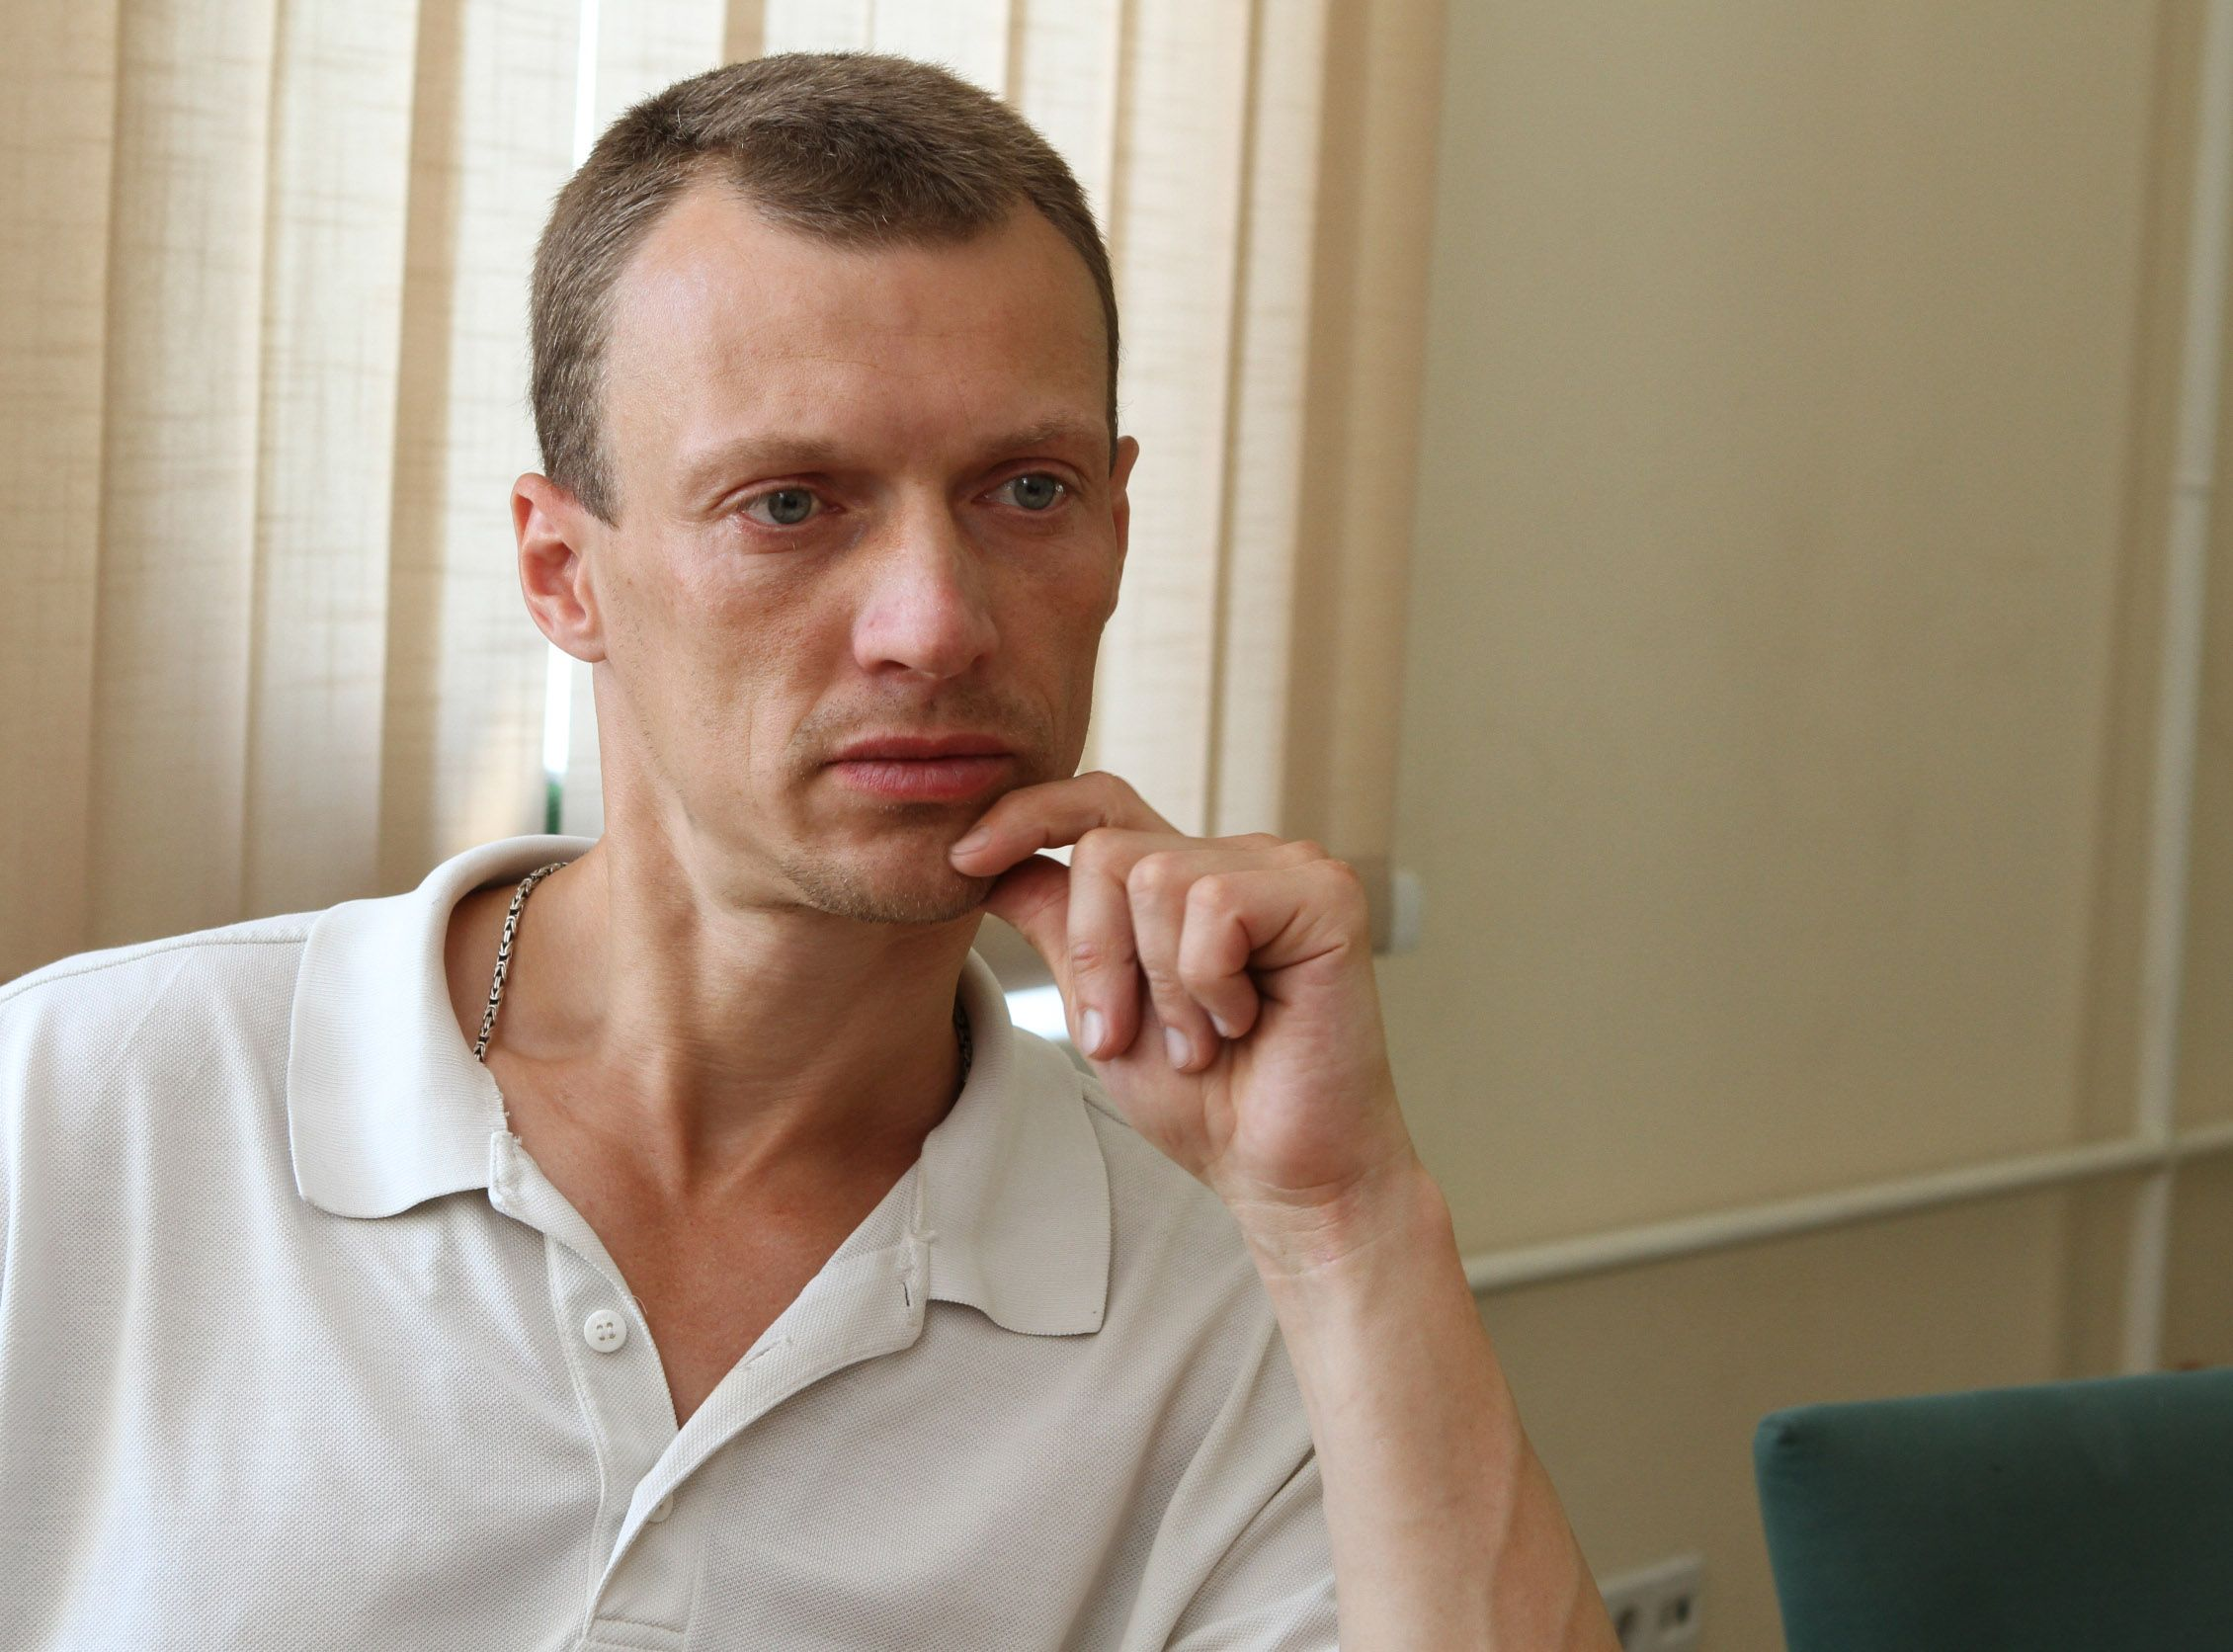 Врач Игорь Коваленко. Фото: А.Искрицкая